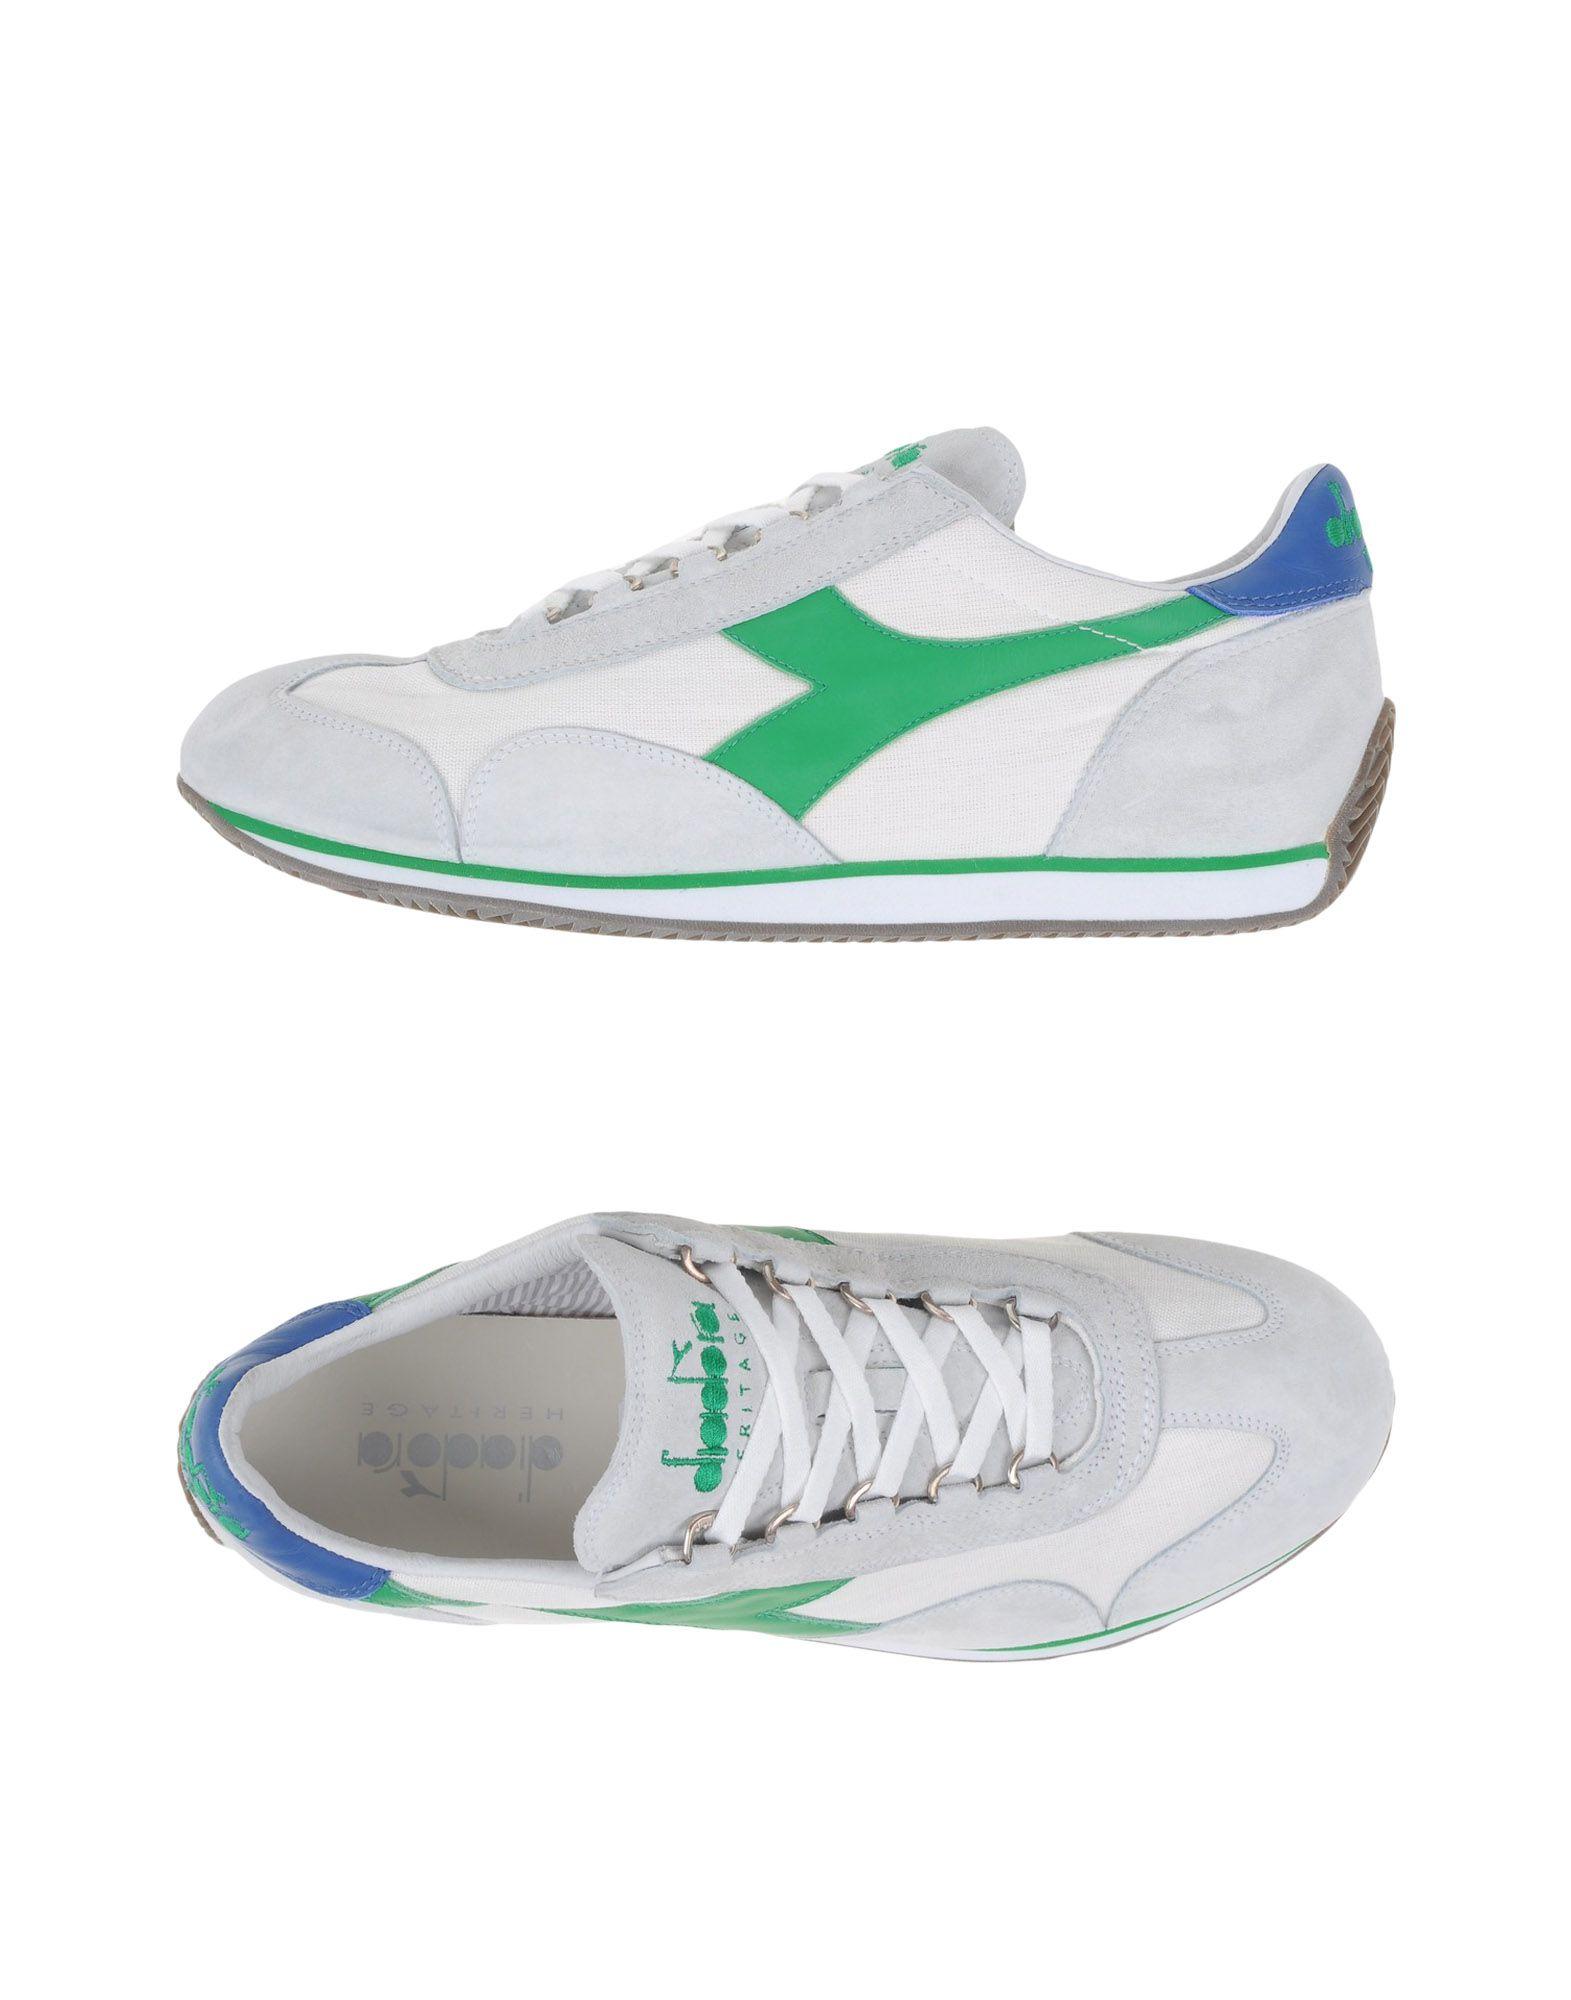 Sneakers Diadora Heritage Equipe Stone Wash 12 - Uomo - Acquista online su